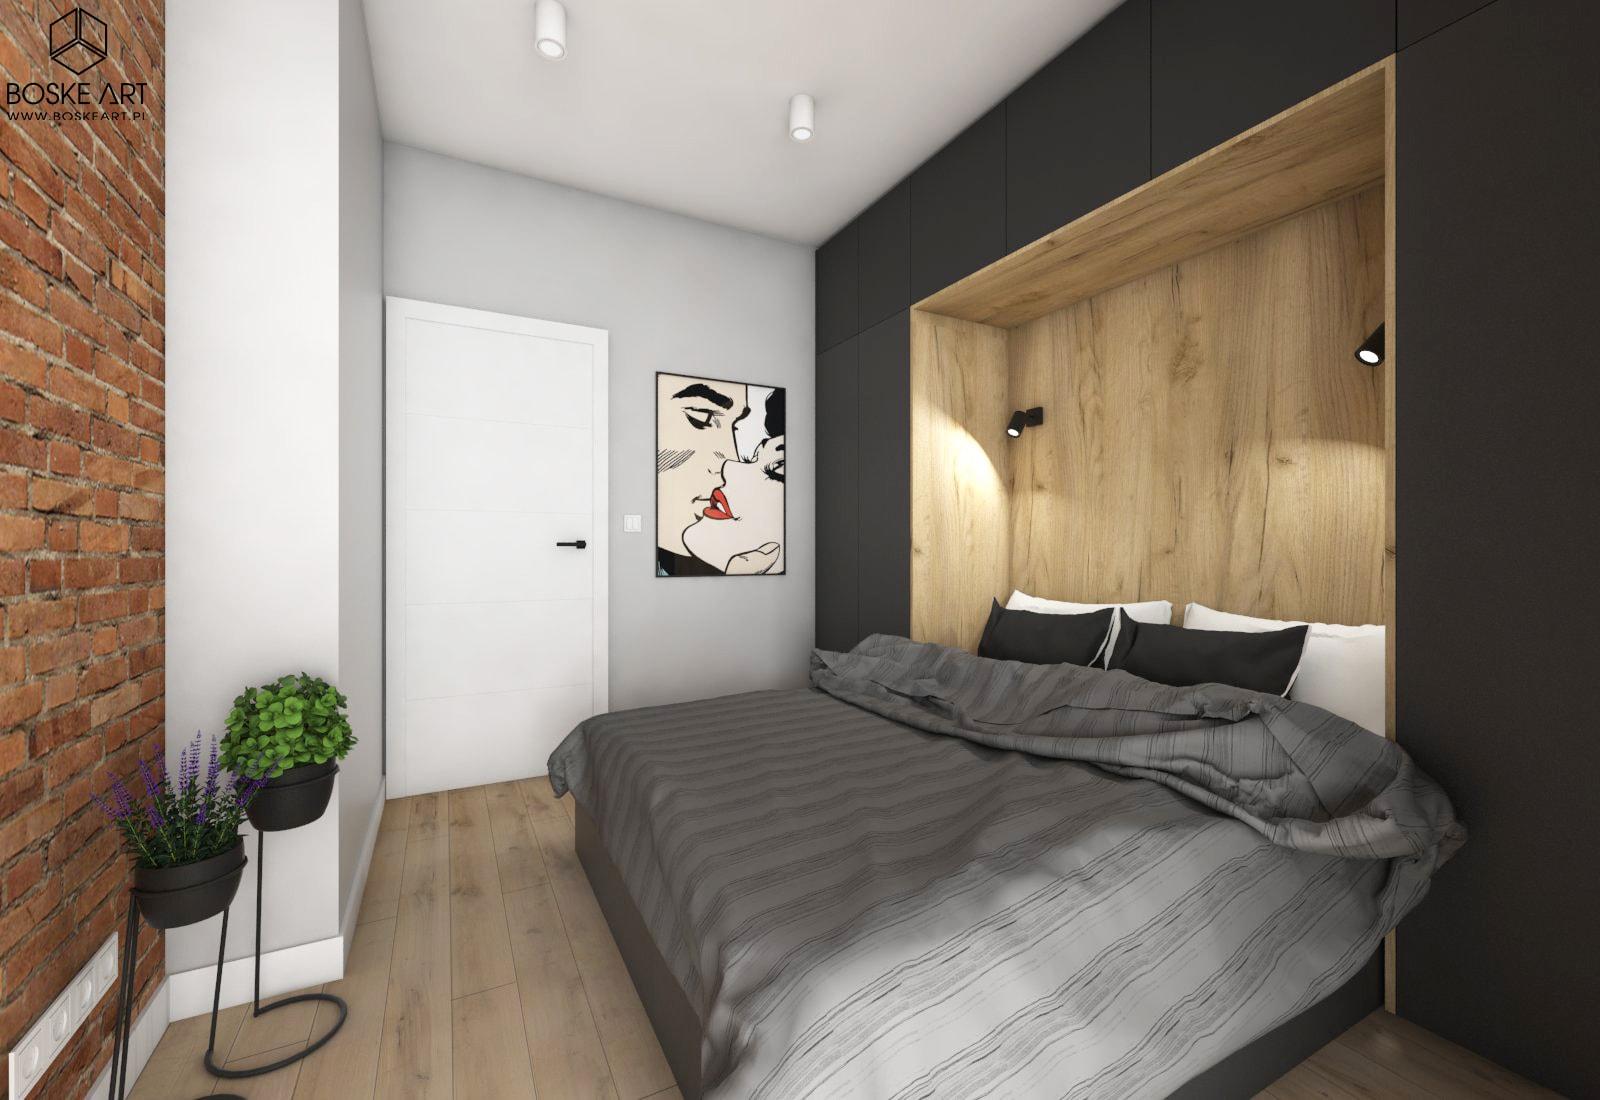 12_mieszkanie_poznan_boske_art_projektowanie_wnetrz_architektura_natalia_robaszkiewicz-min